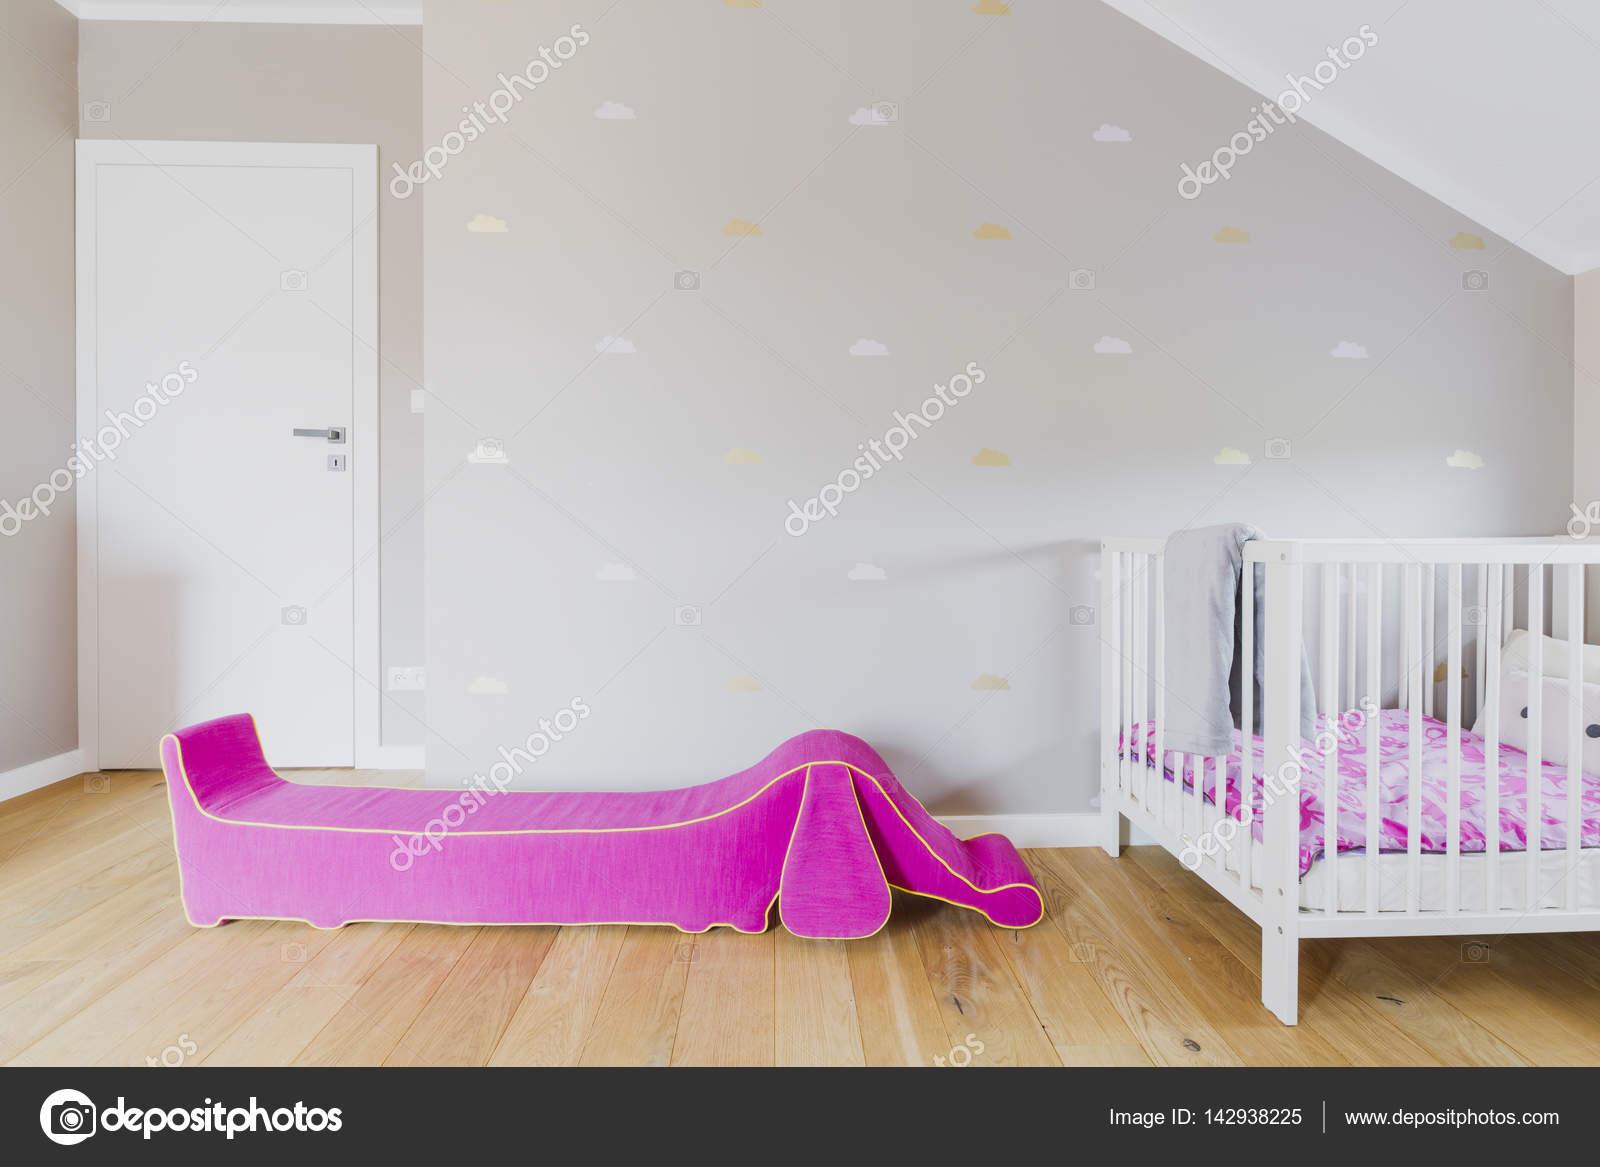 Kinderkamers Op Zolder : Kinderkamer in de zolder u2014 stockfoto © photographee.eu #142938225